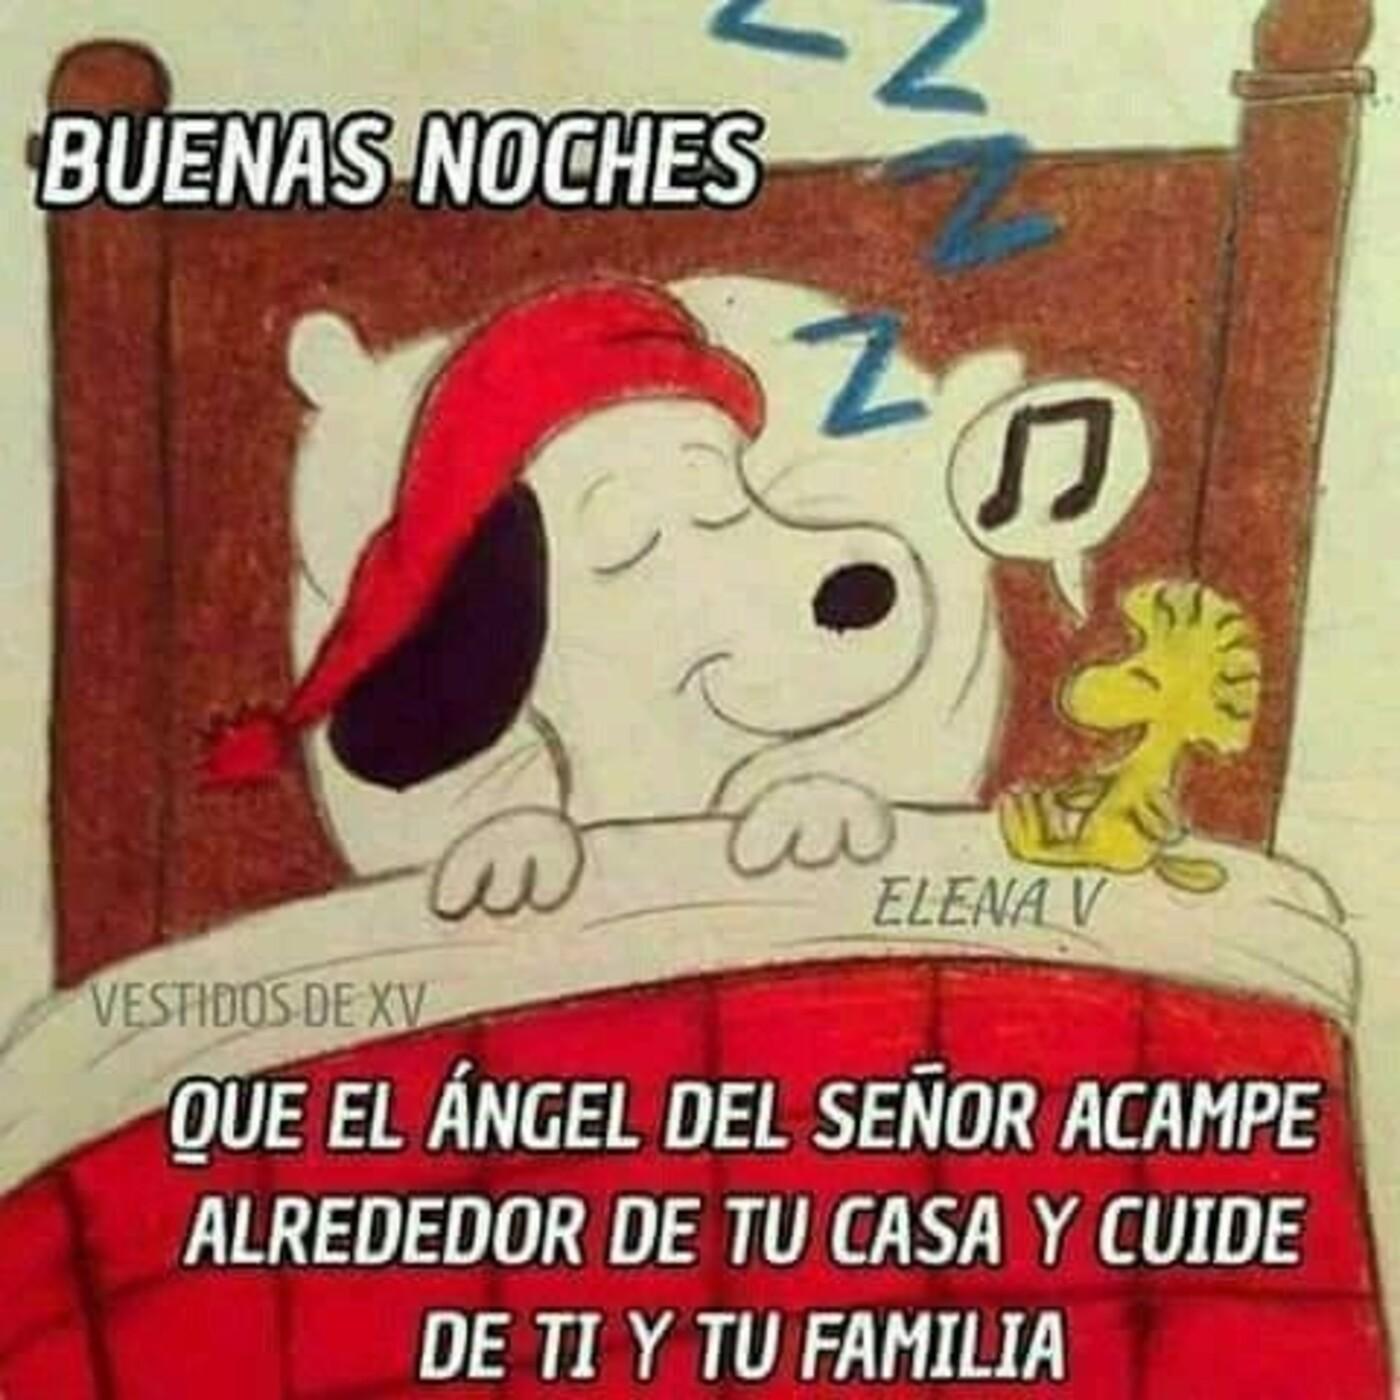 Buenas noches que el ángel del Señor acampe alrededor de tu casa y cuide de ti y tu familia